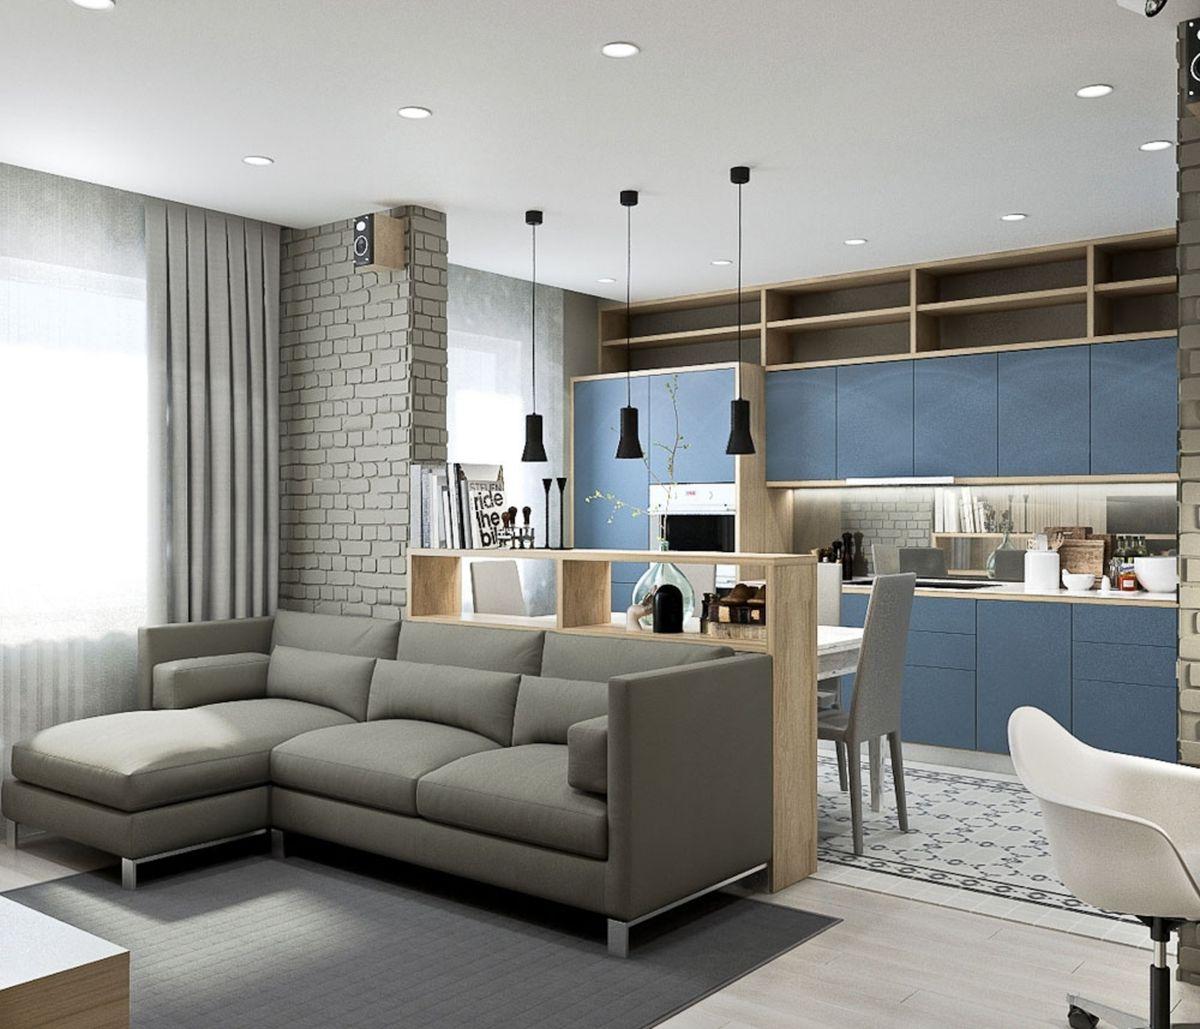 дерево обустроить студию кухню с гостиной фото дизайна того